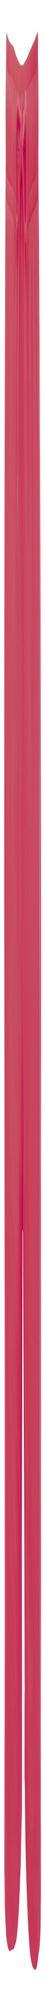 Шорты мужские SANDY, розовый неон